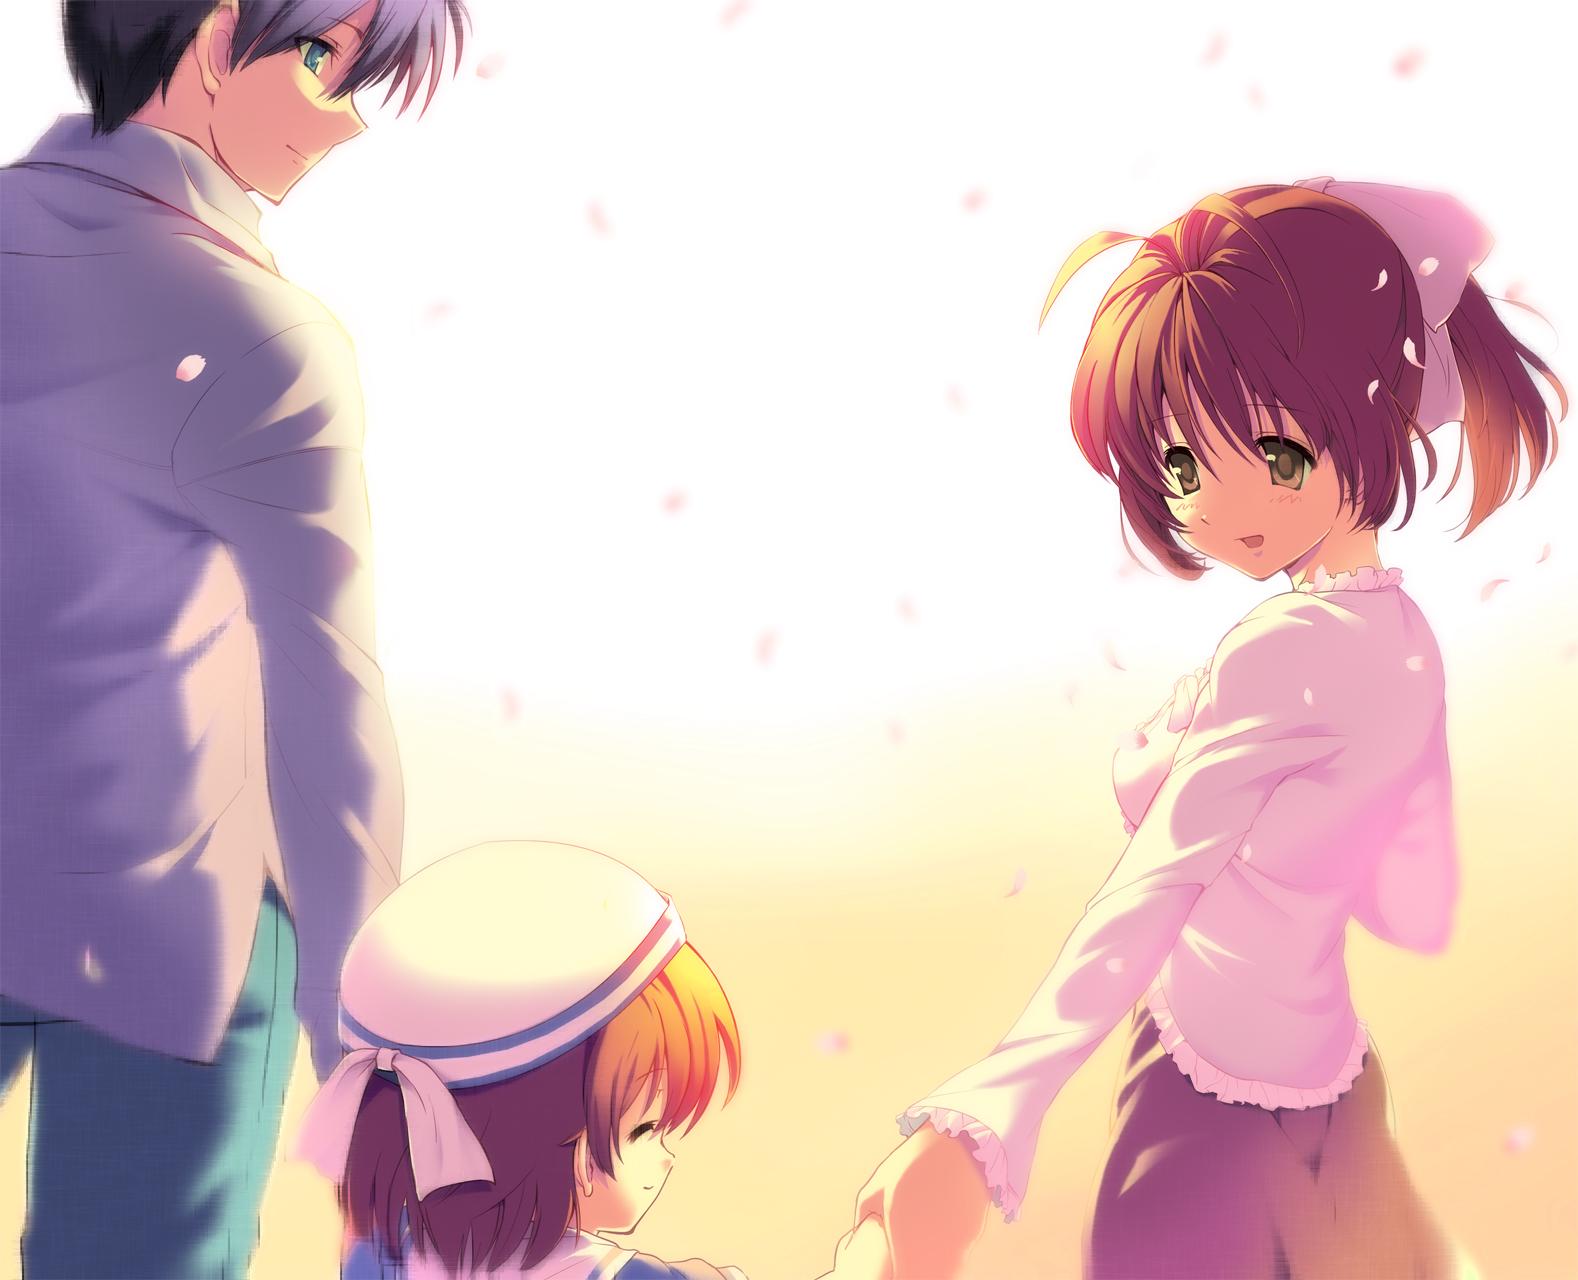 http://3.bp.blogspot.com/-f4_GxvSImfI/TcVeaX24JLI/AAAAAAAAAFs/NqgbcYvNOb8/s1600/Konachan.com+-+89954+clannad+furukawa_nagisa+okazaki_nagisa+okazaki_tomoya+okazaki_ushio.jpg